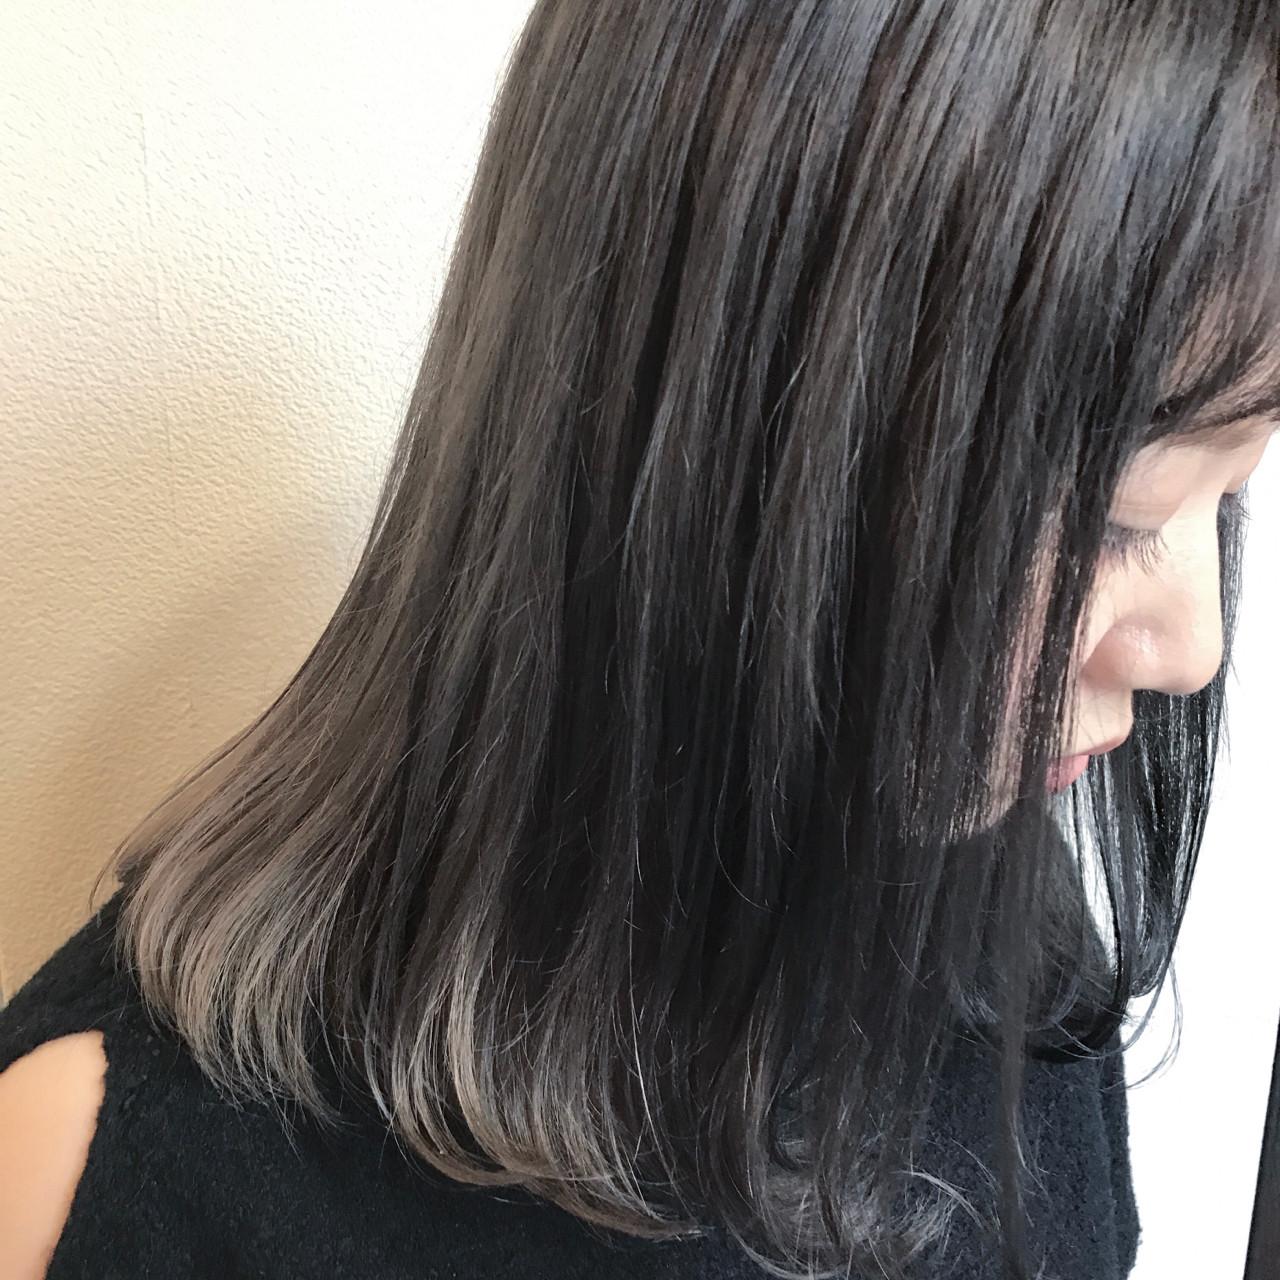 黒髪より魅力的。透明感のある「暗髪美人」をつくる方法  井上瑛絵